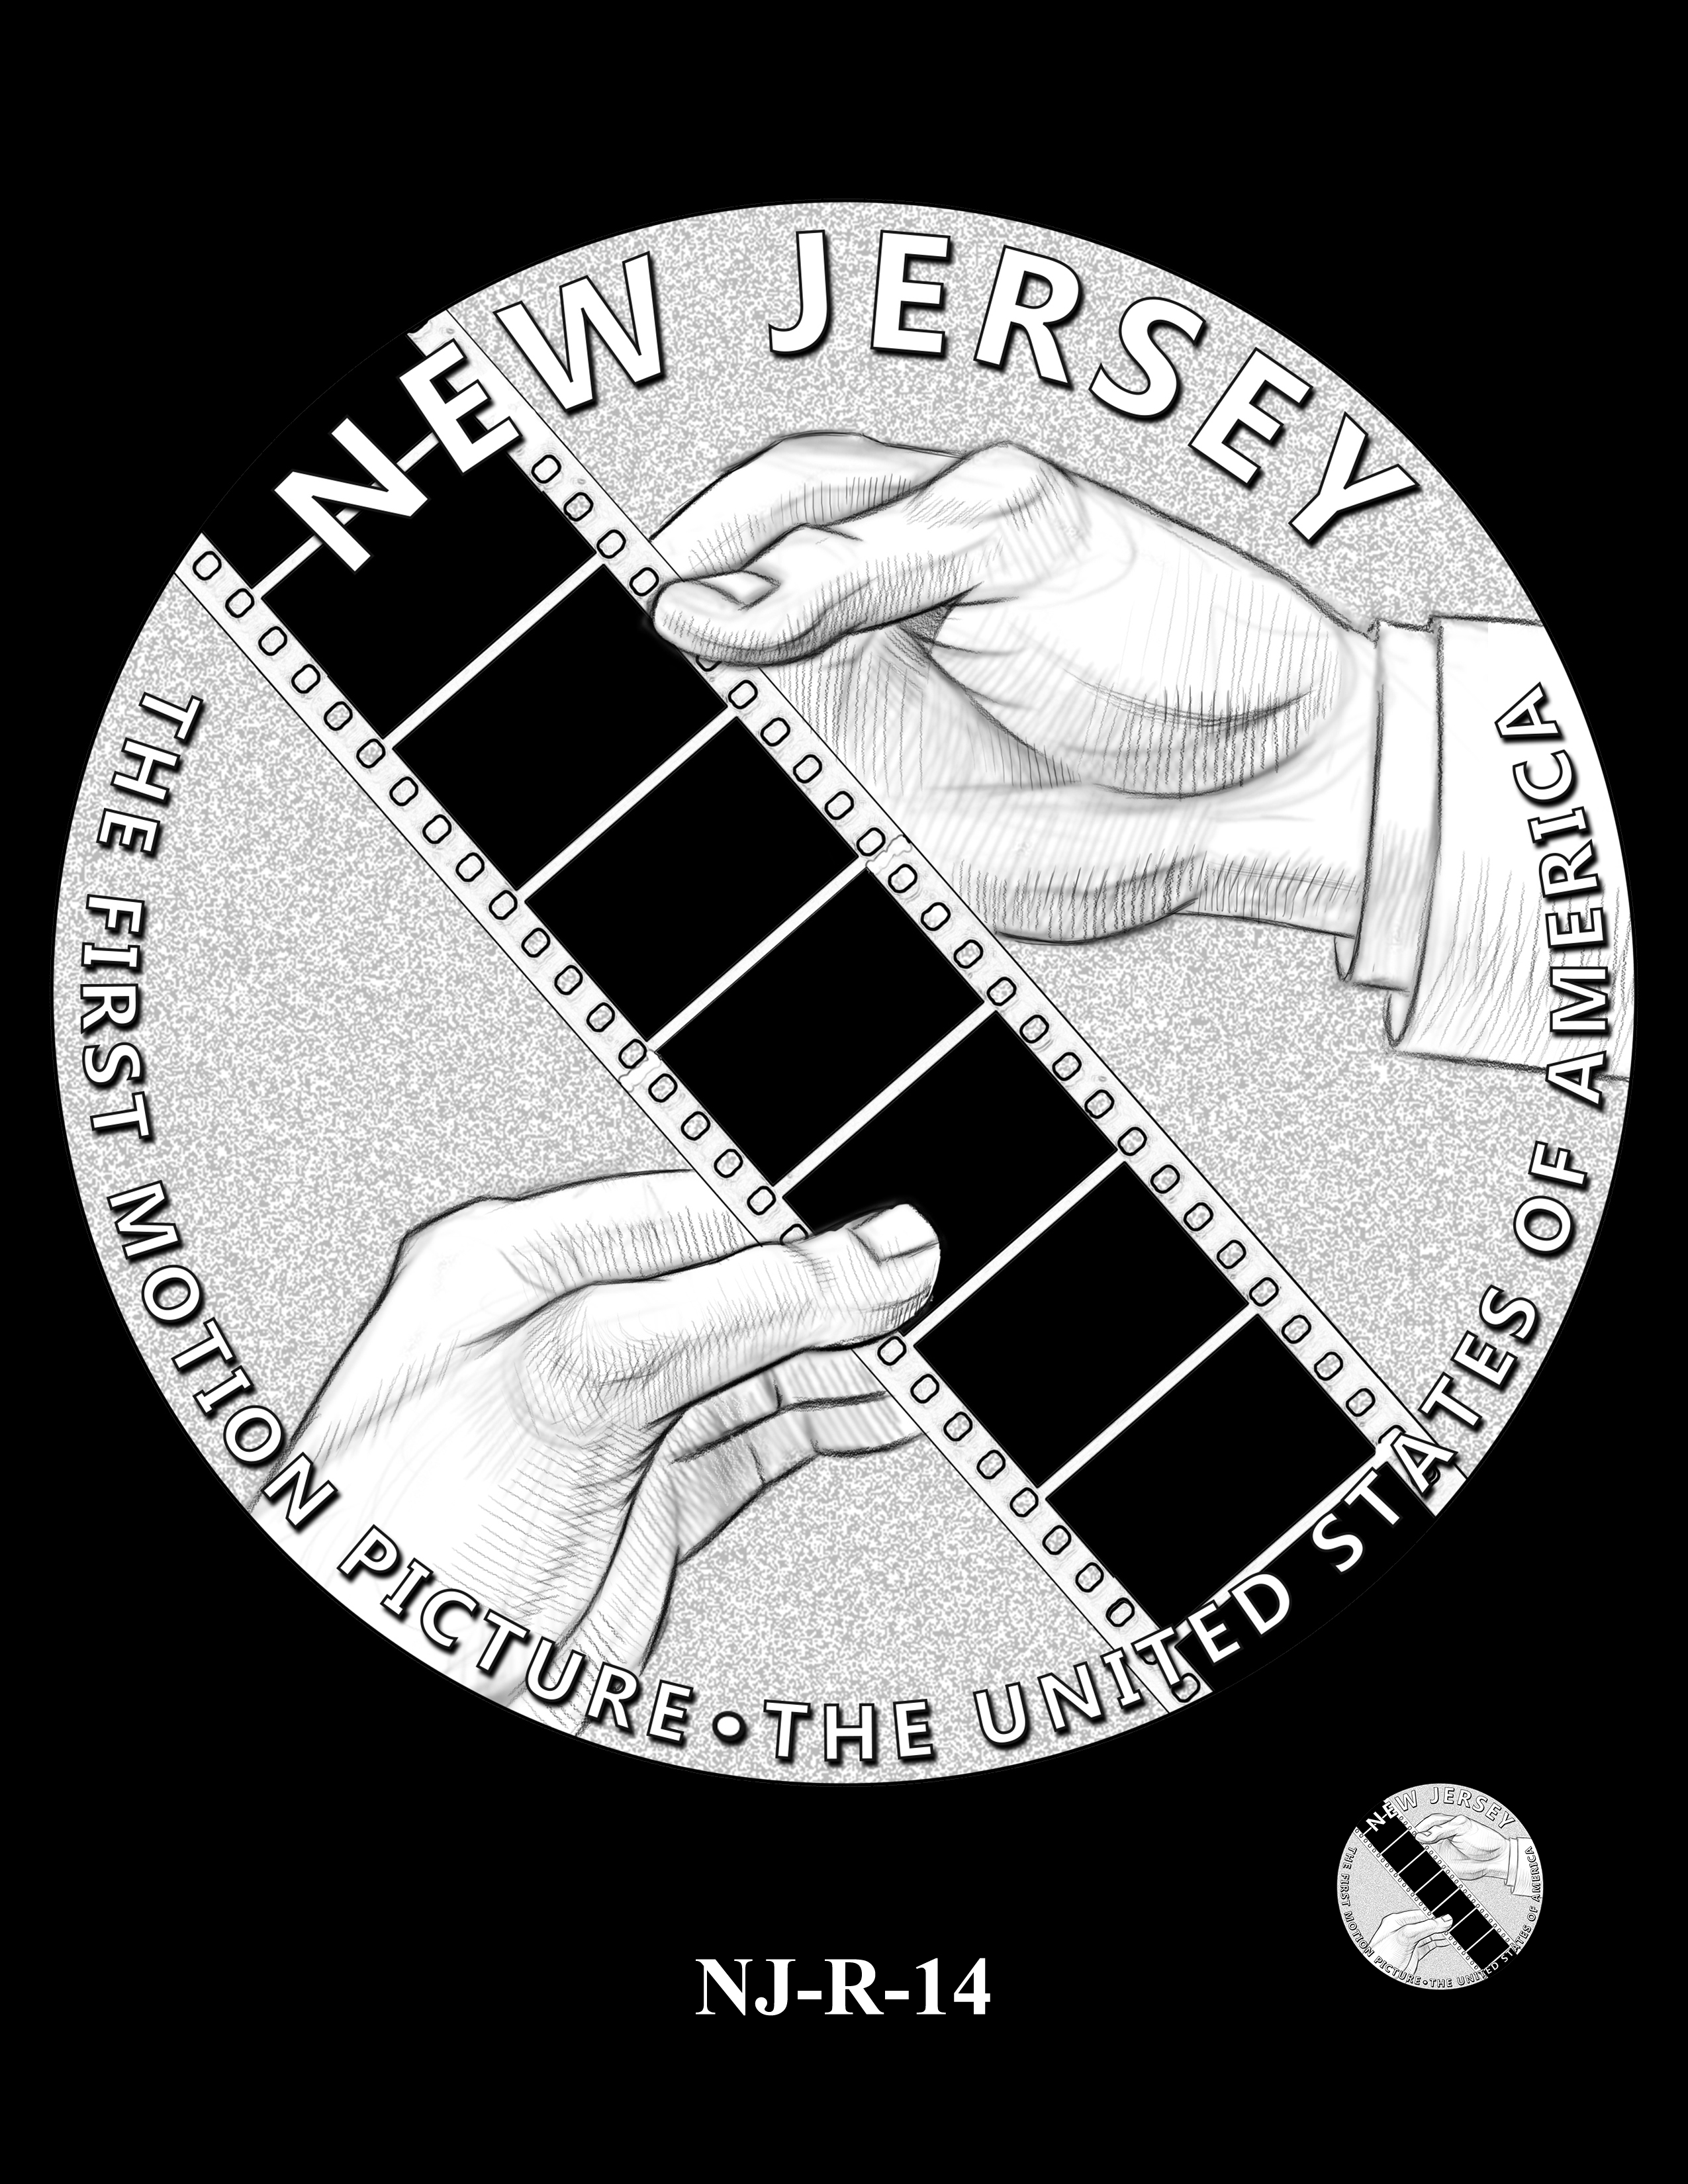 NJ-R-14 -- 2019 American Innovation $1 Coin Program